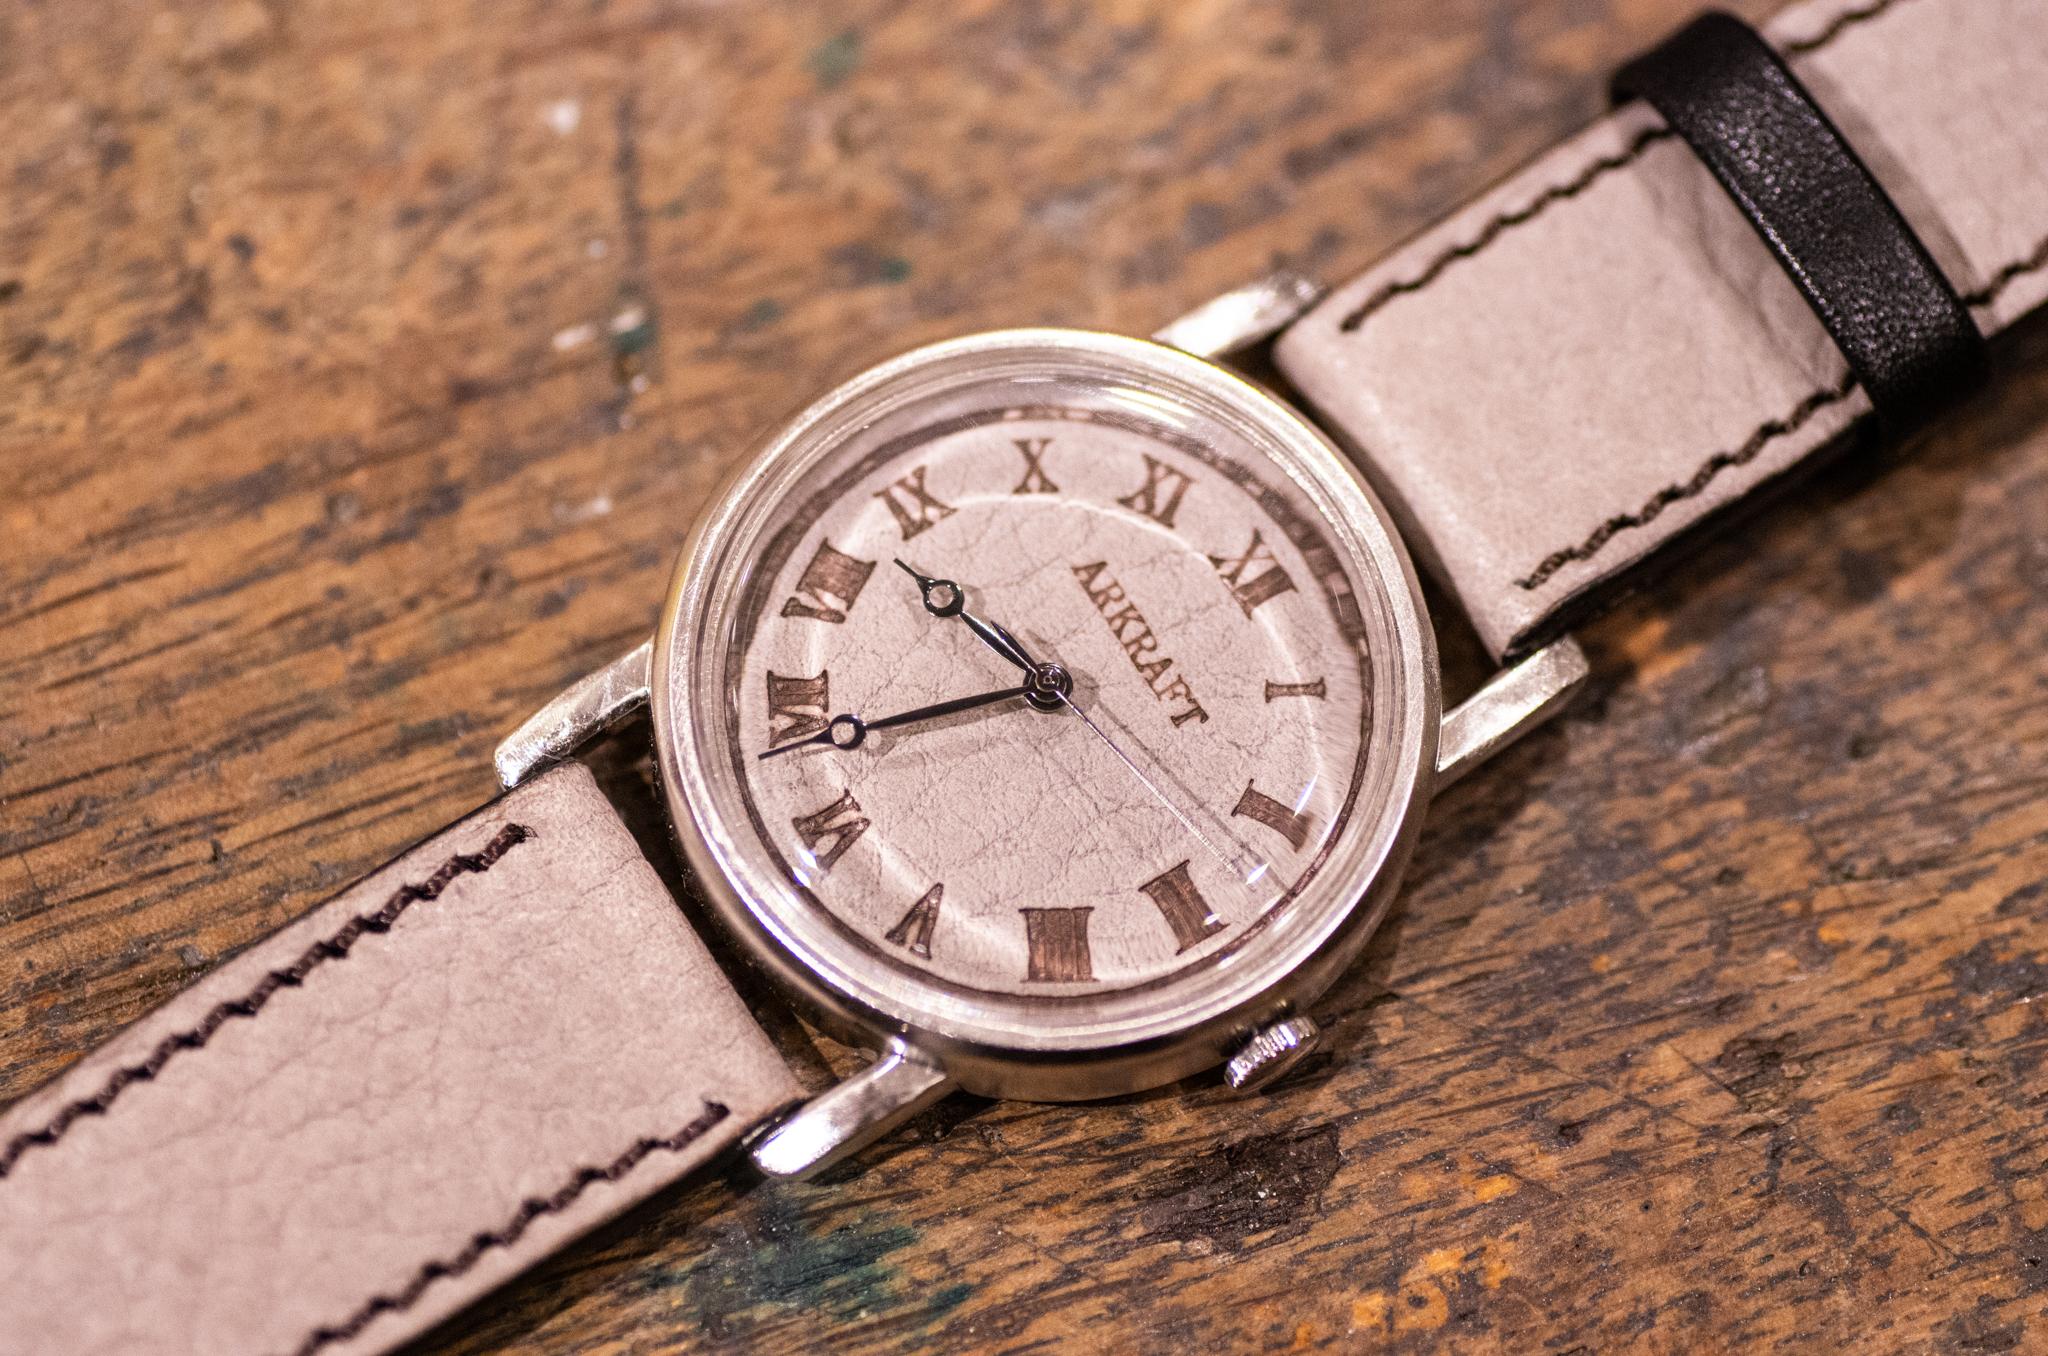 焼き印でローマ数字を入れた革文字盤の大き目の腕時計(Dennis Large Gray/店頭在庫品)